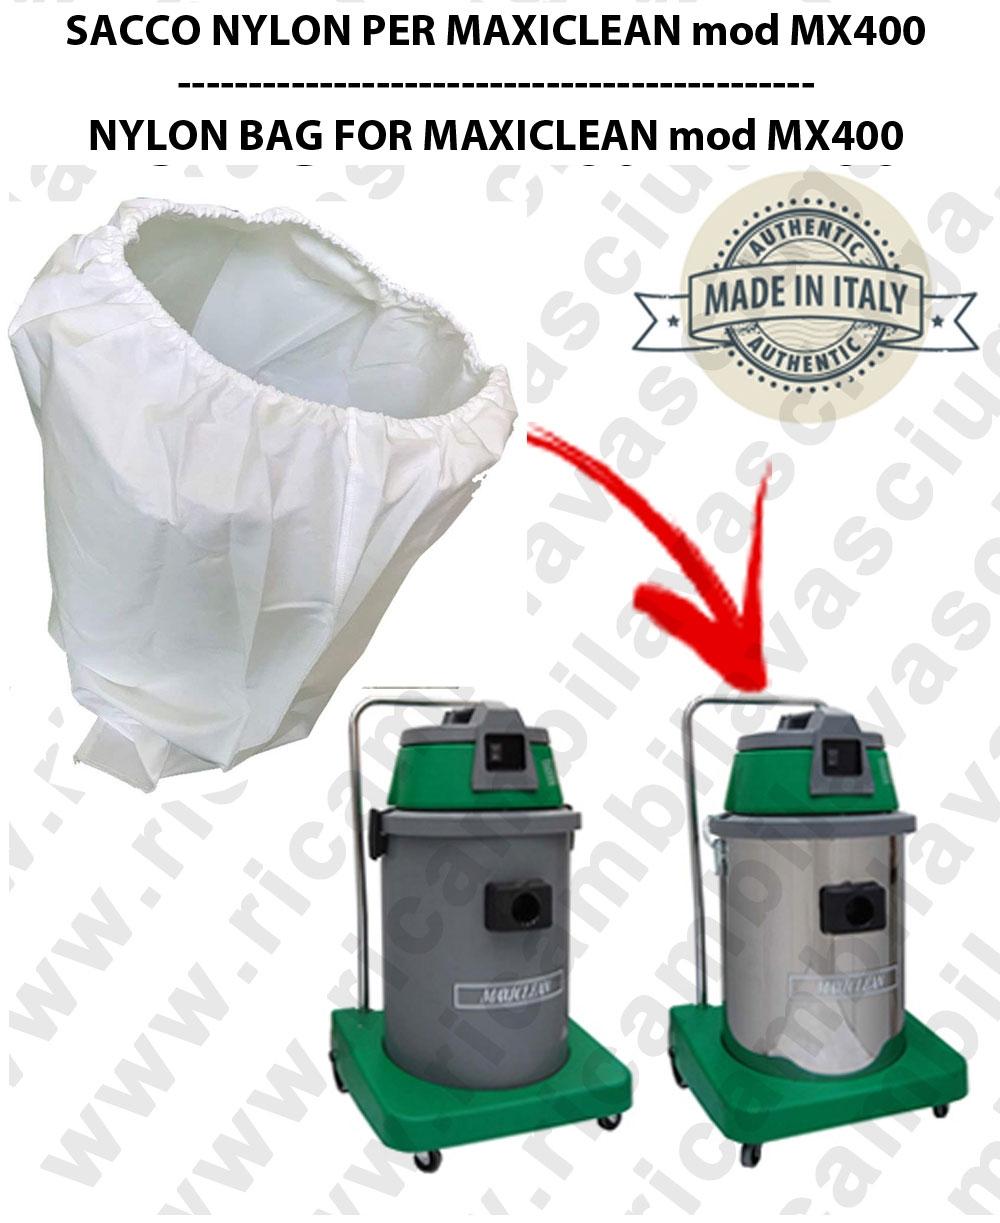 SACCO FILTRO NYLON cod: 3001220 PER aspirapolvere MAXICLEAN modello MX400 BY SYNCLEAN